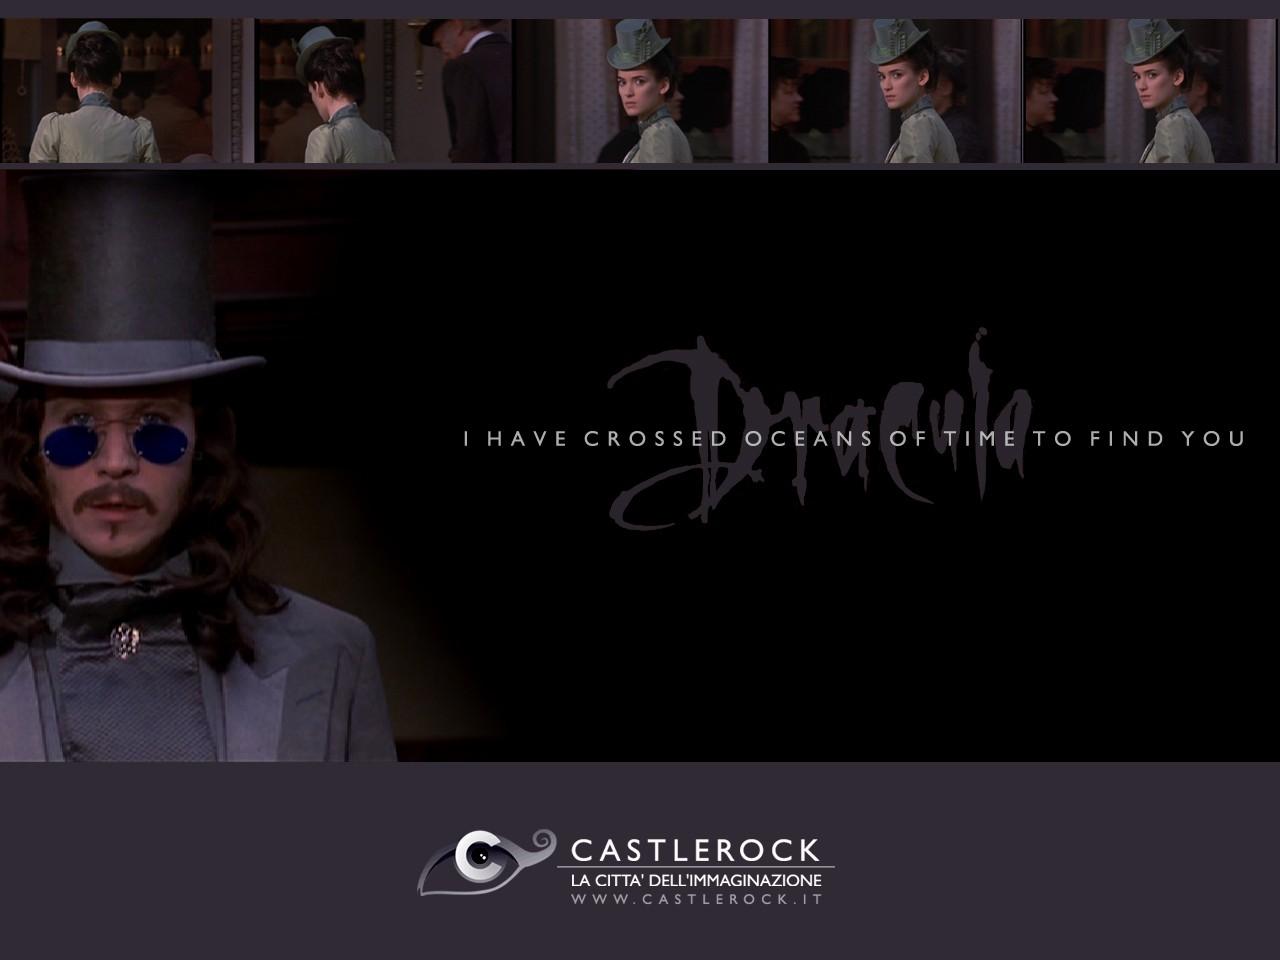 Wallpaper del film Dracula con Gary Oldman nel ruolo del vampiro